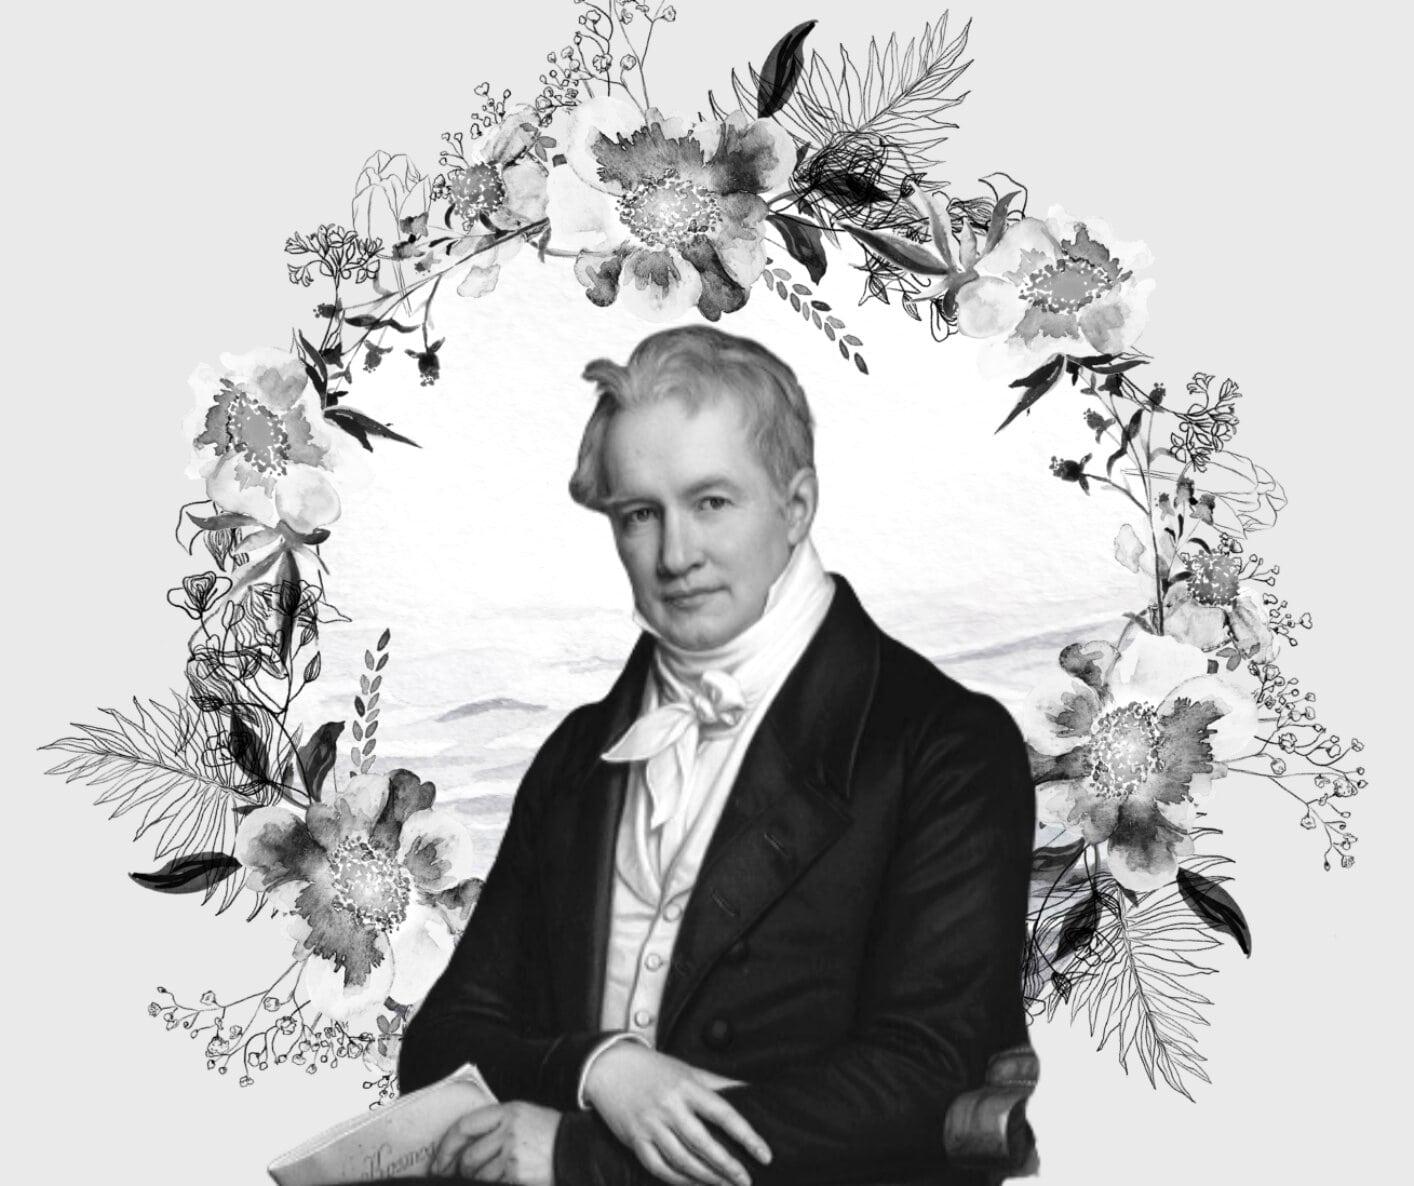 Humboldt, meio ambiente e liberdade